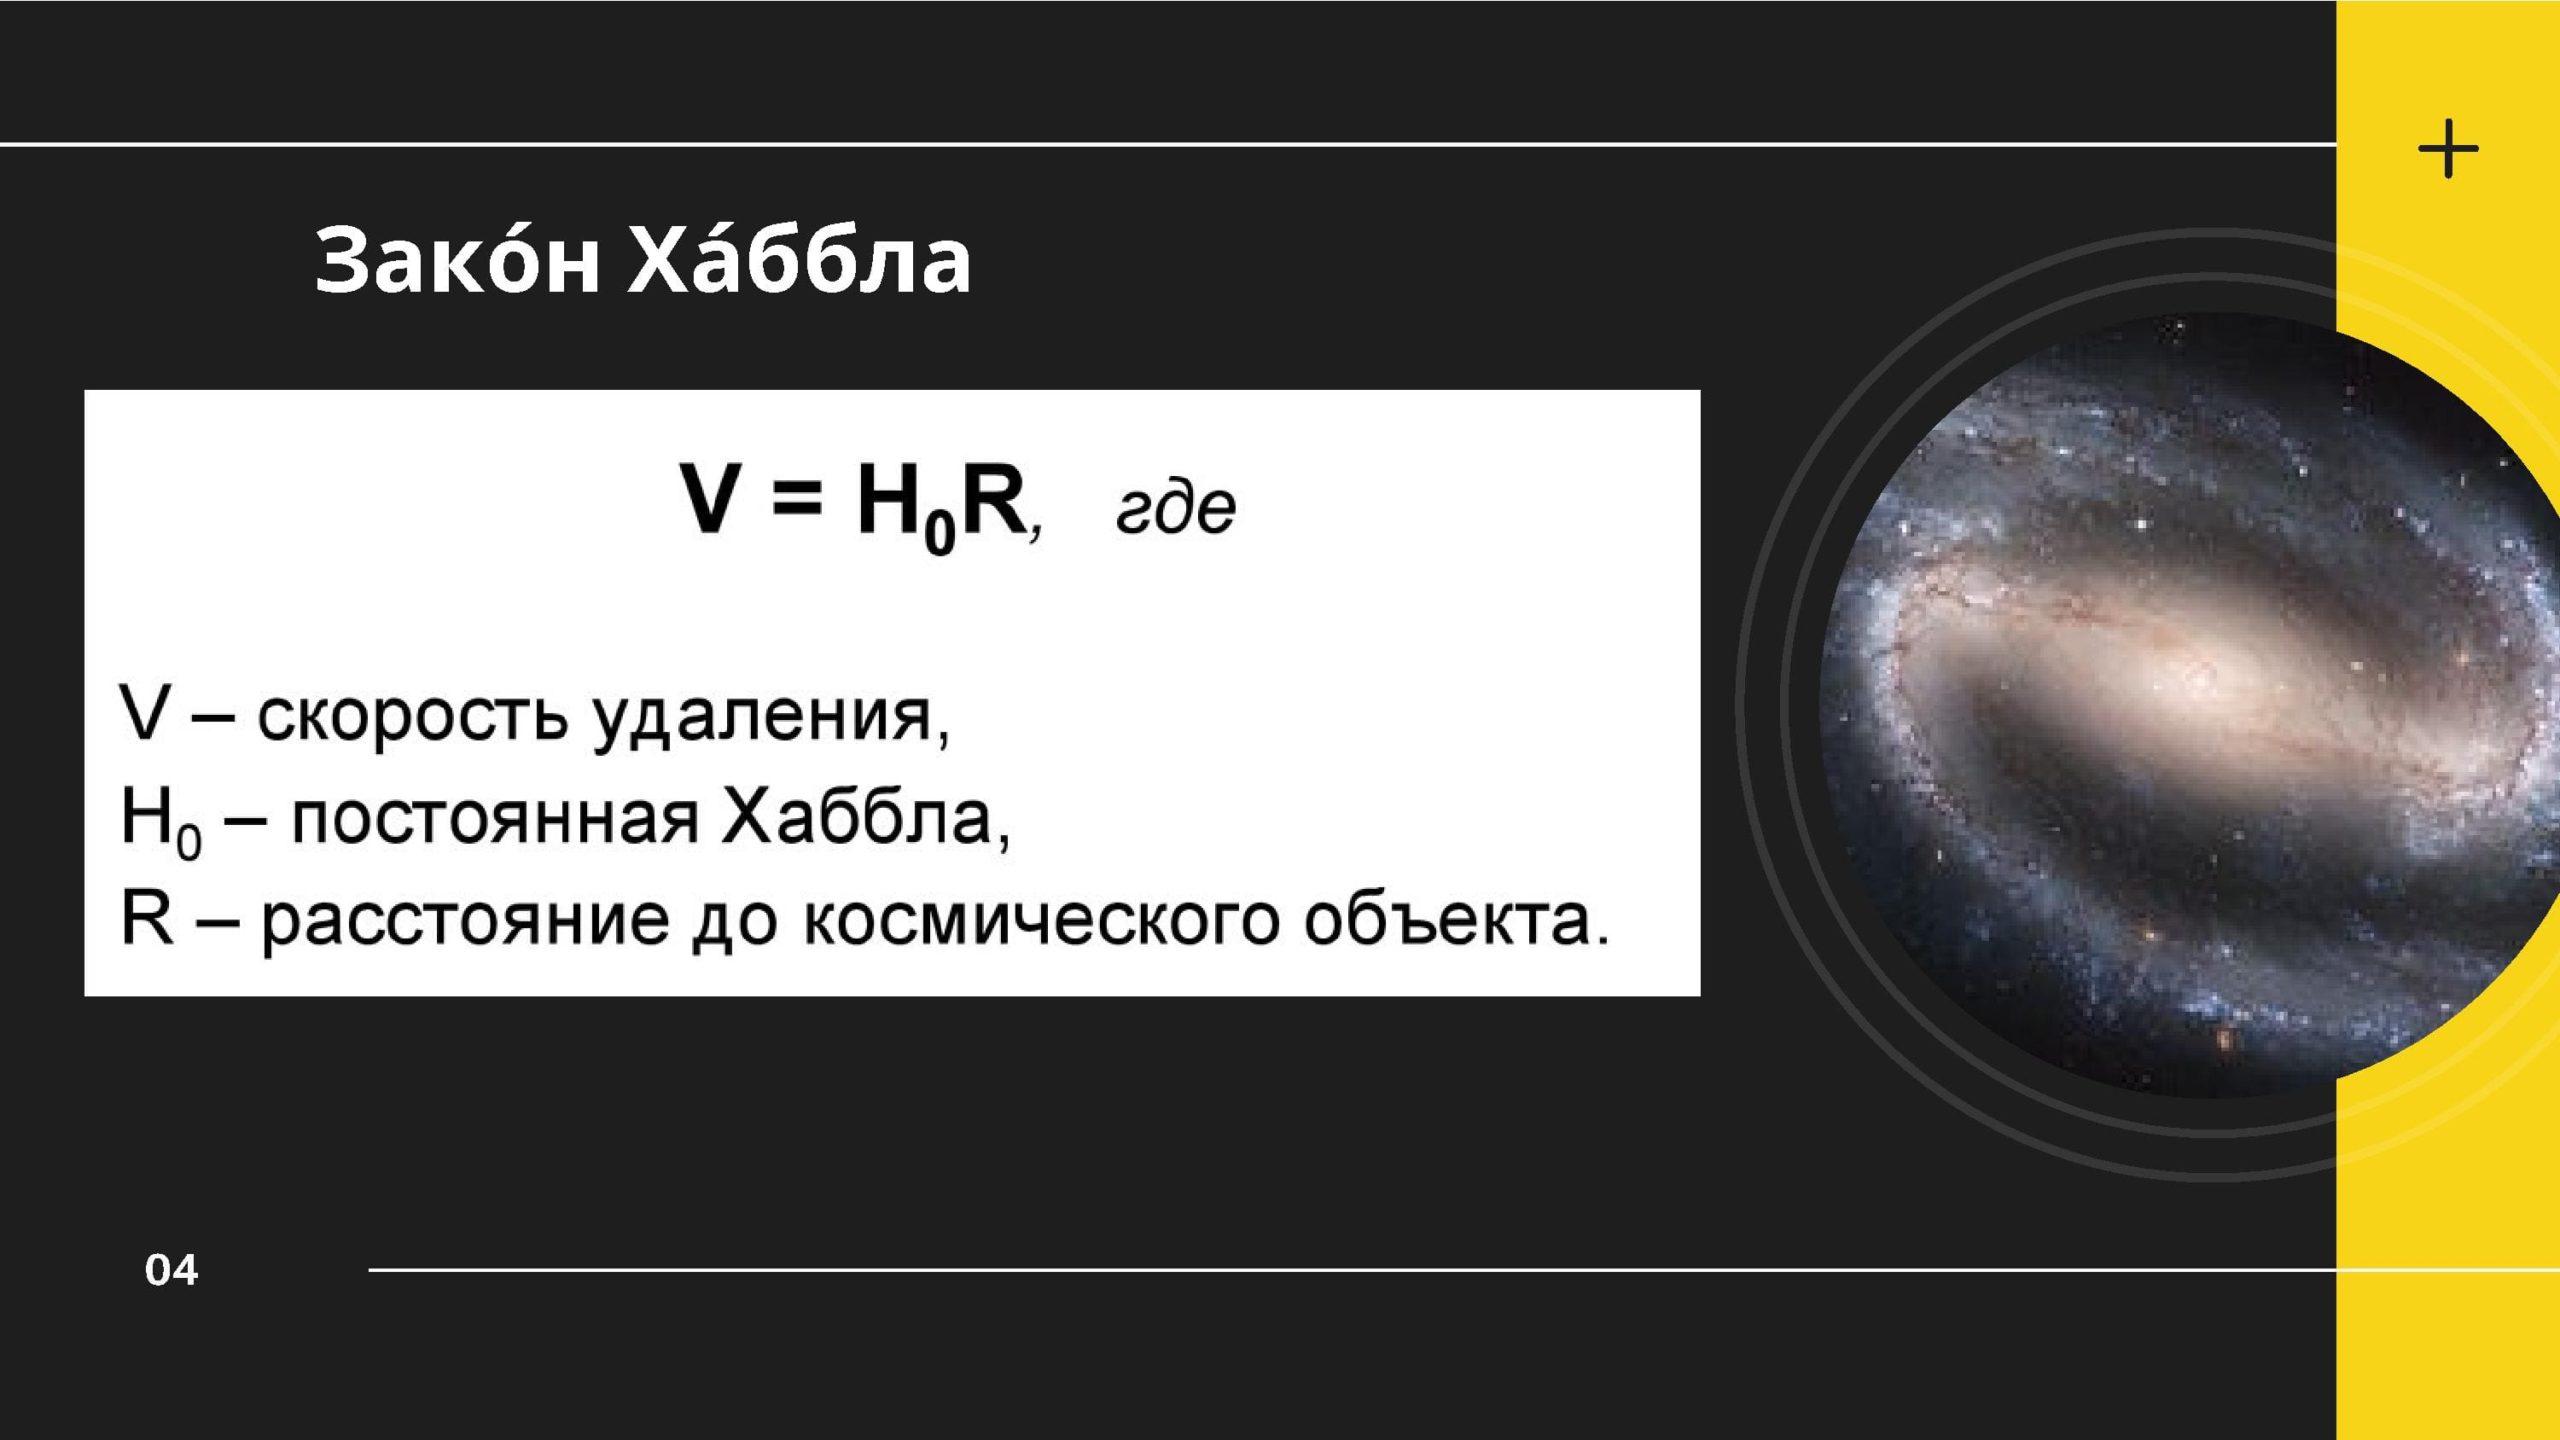 Закон Хаббла